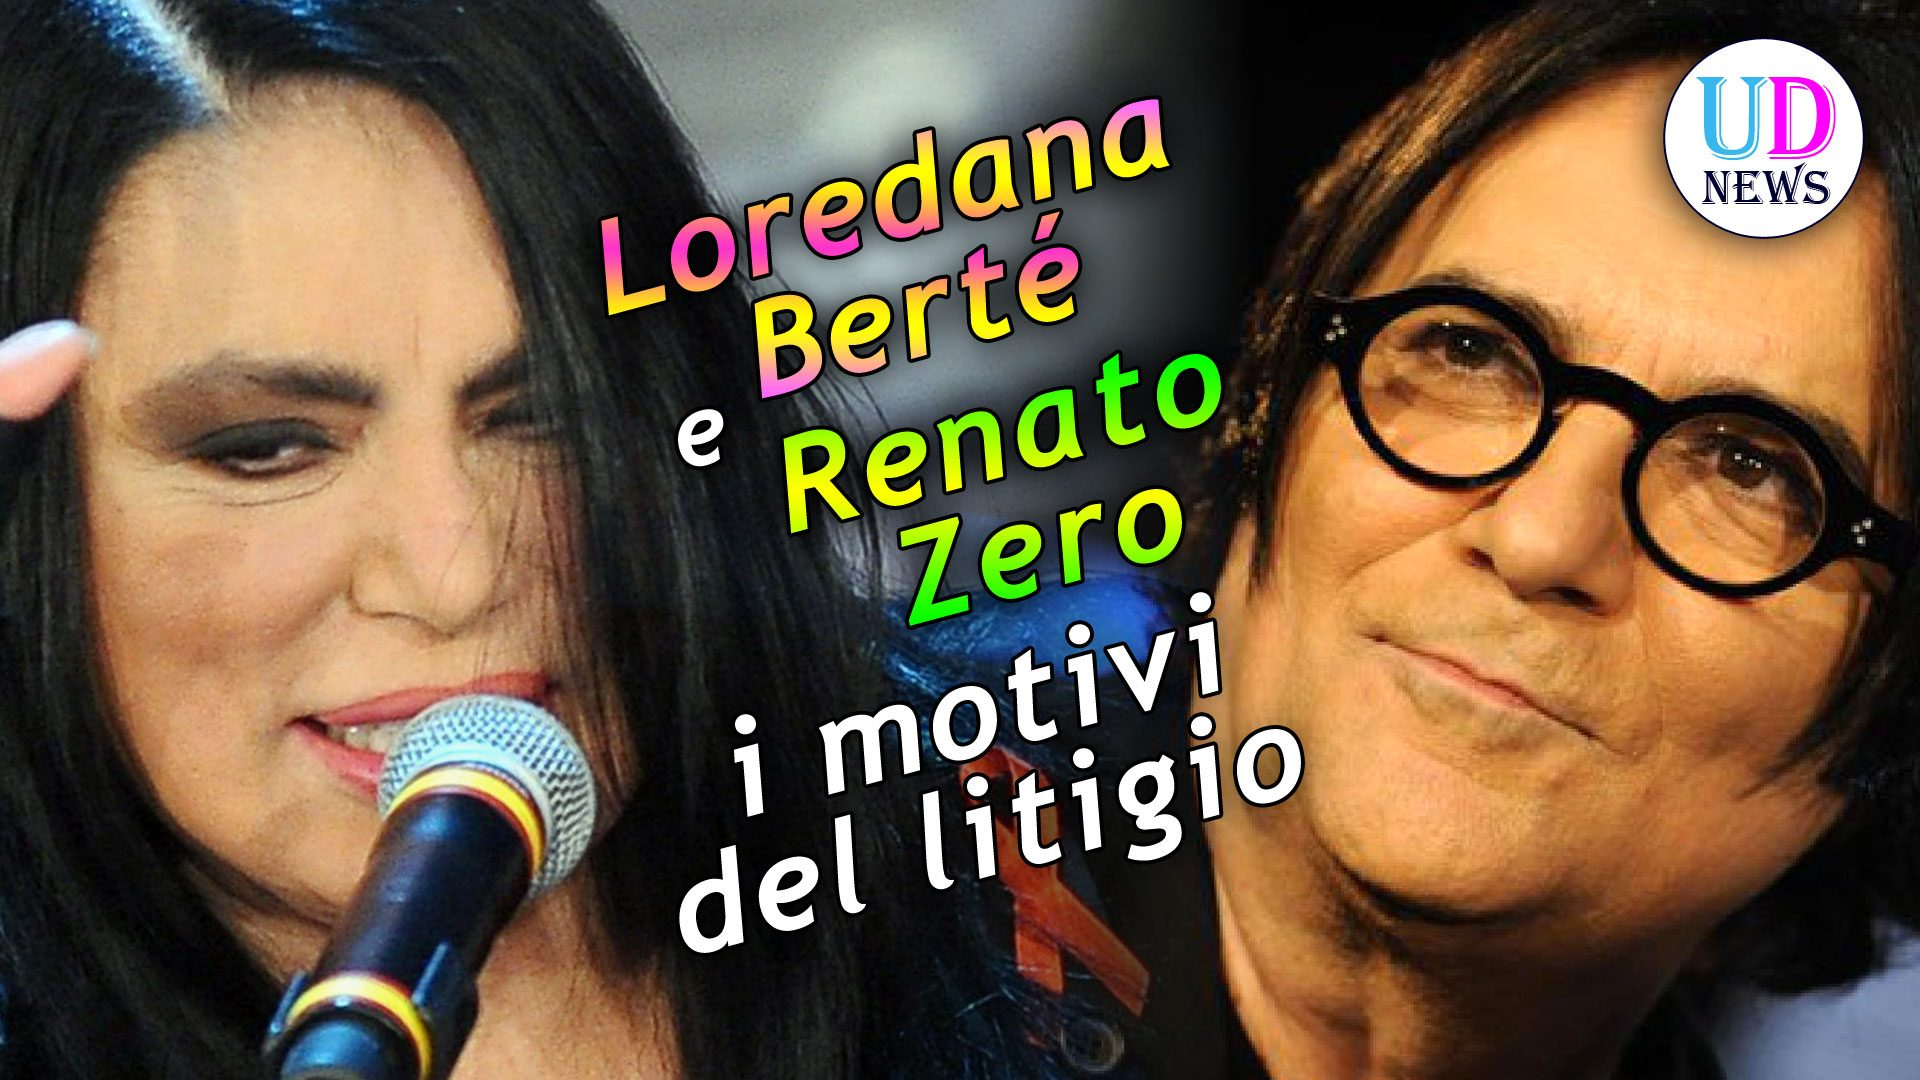 Loredana Bertè e Renato Zero: Ecco Perchè Hanno Litigato ...